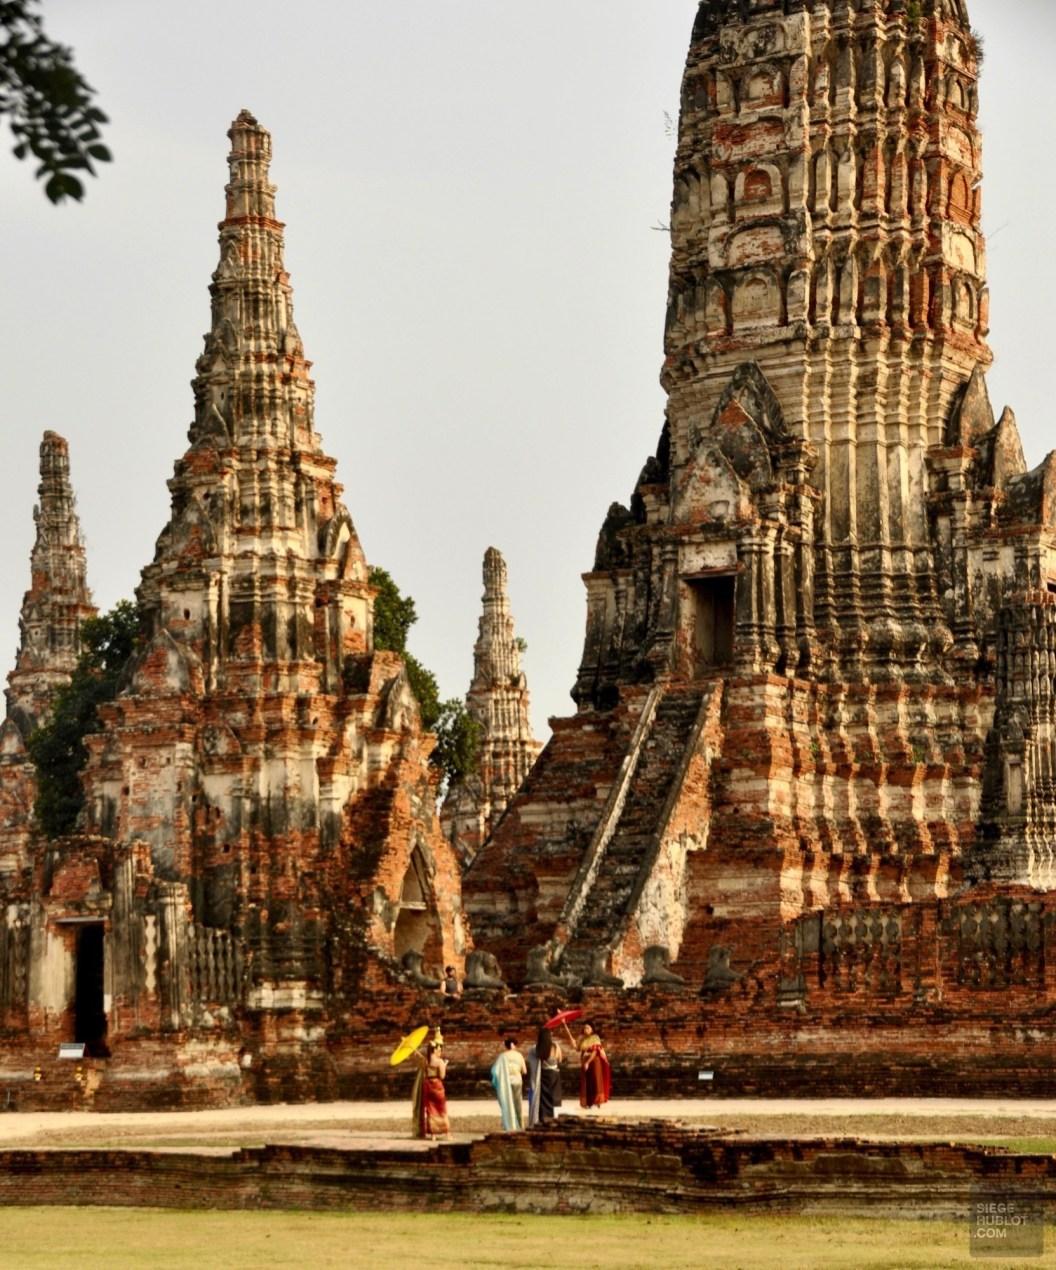 Wat Chai Watthanaram - Les Temples (Wat) - Le parc historique d'Ayutthaya - Destination, Asie, Thaïlande